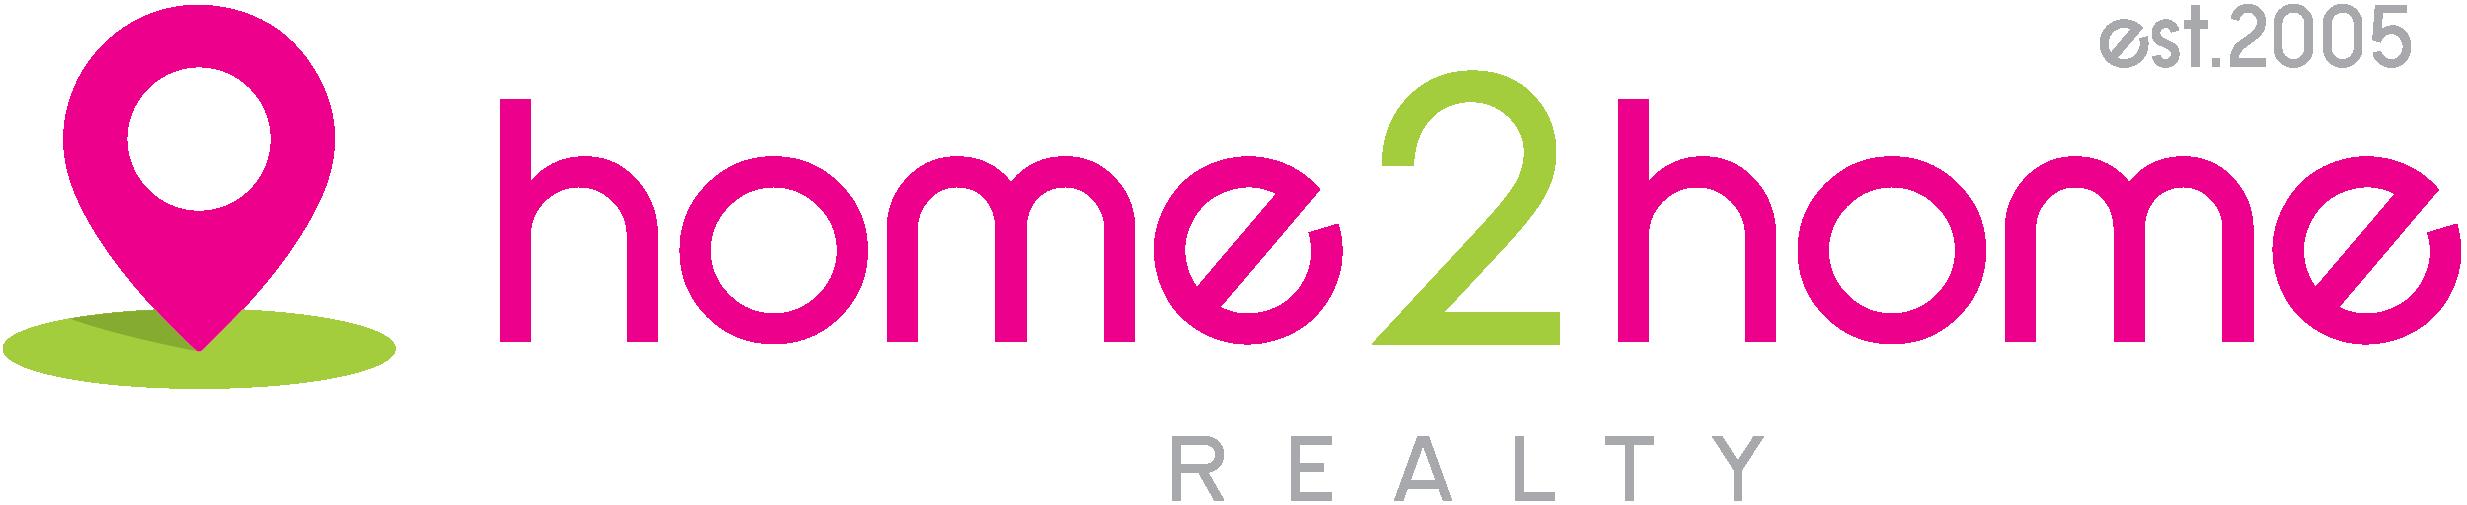 Home 2 Home Logo